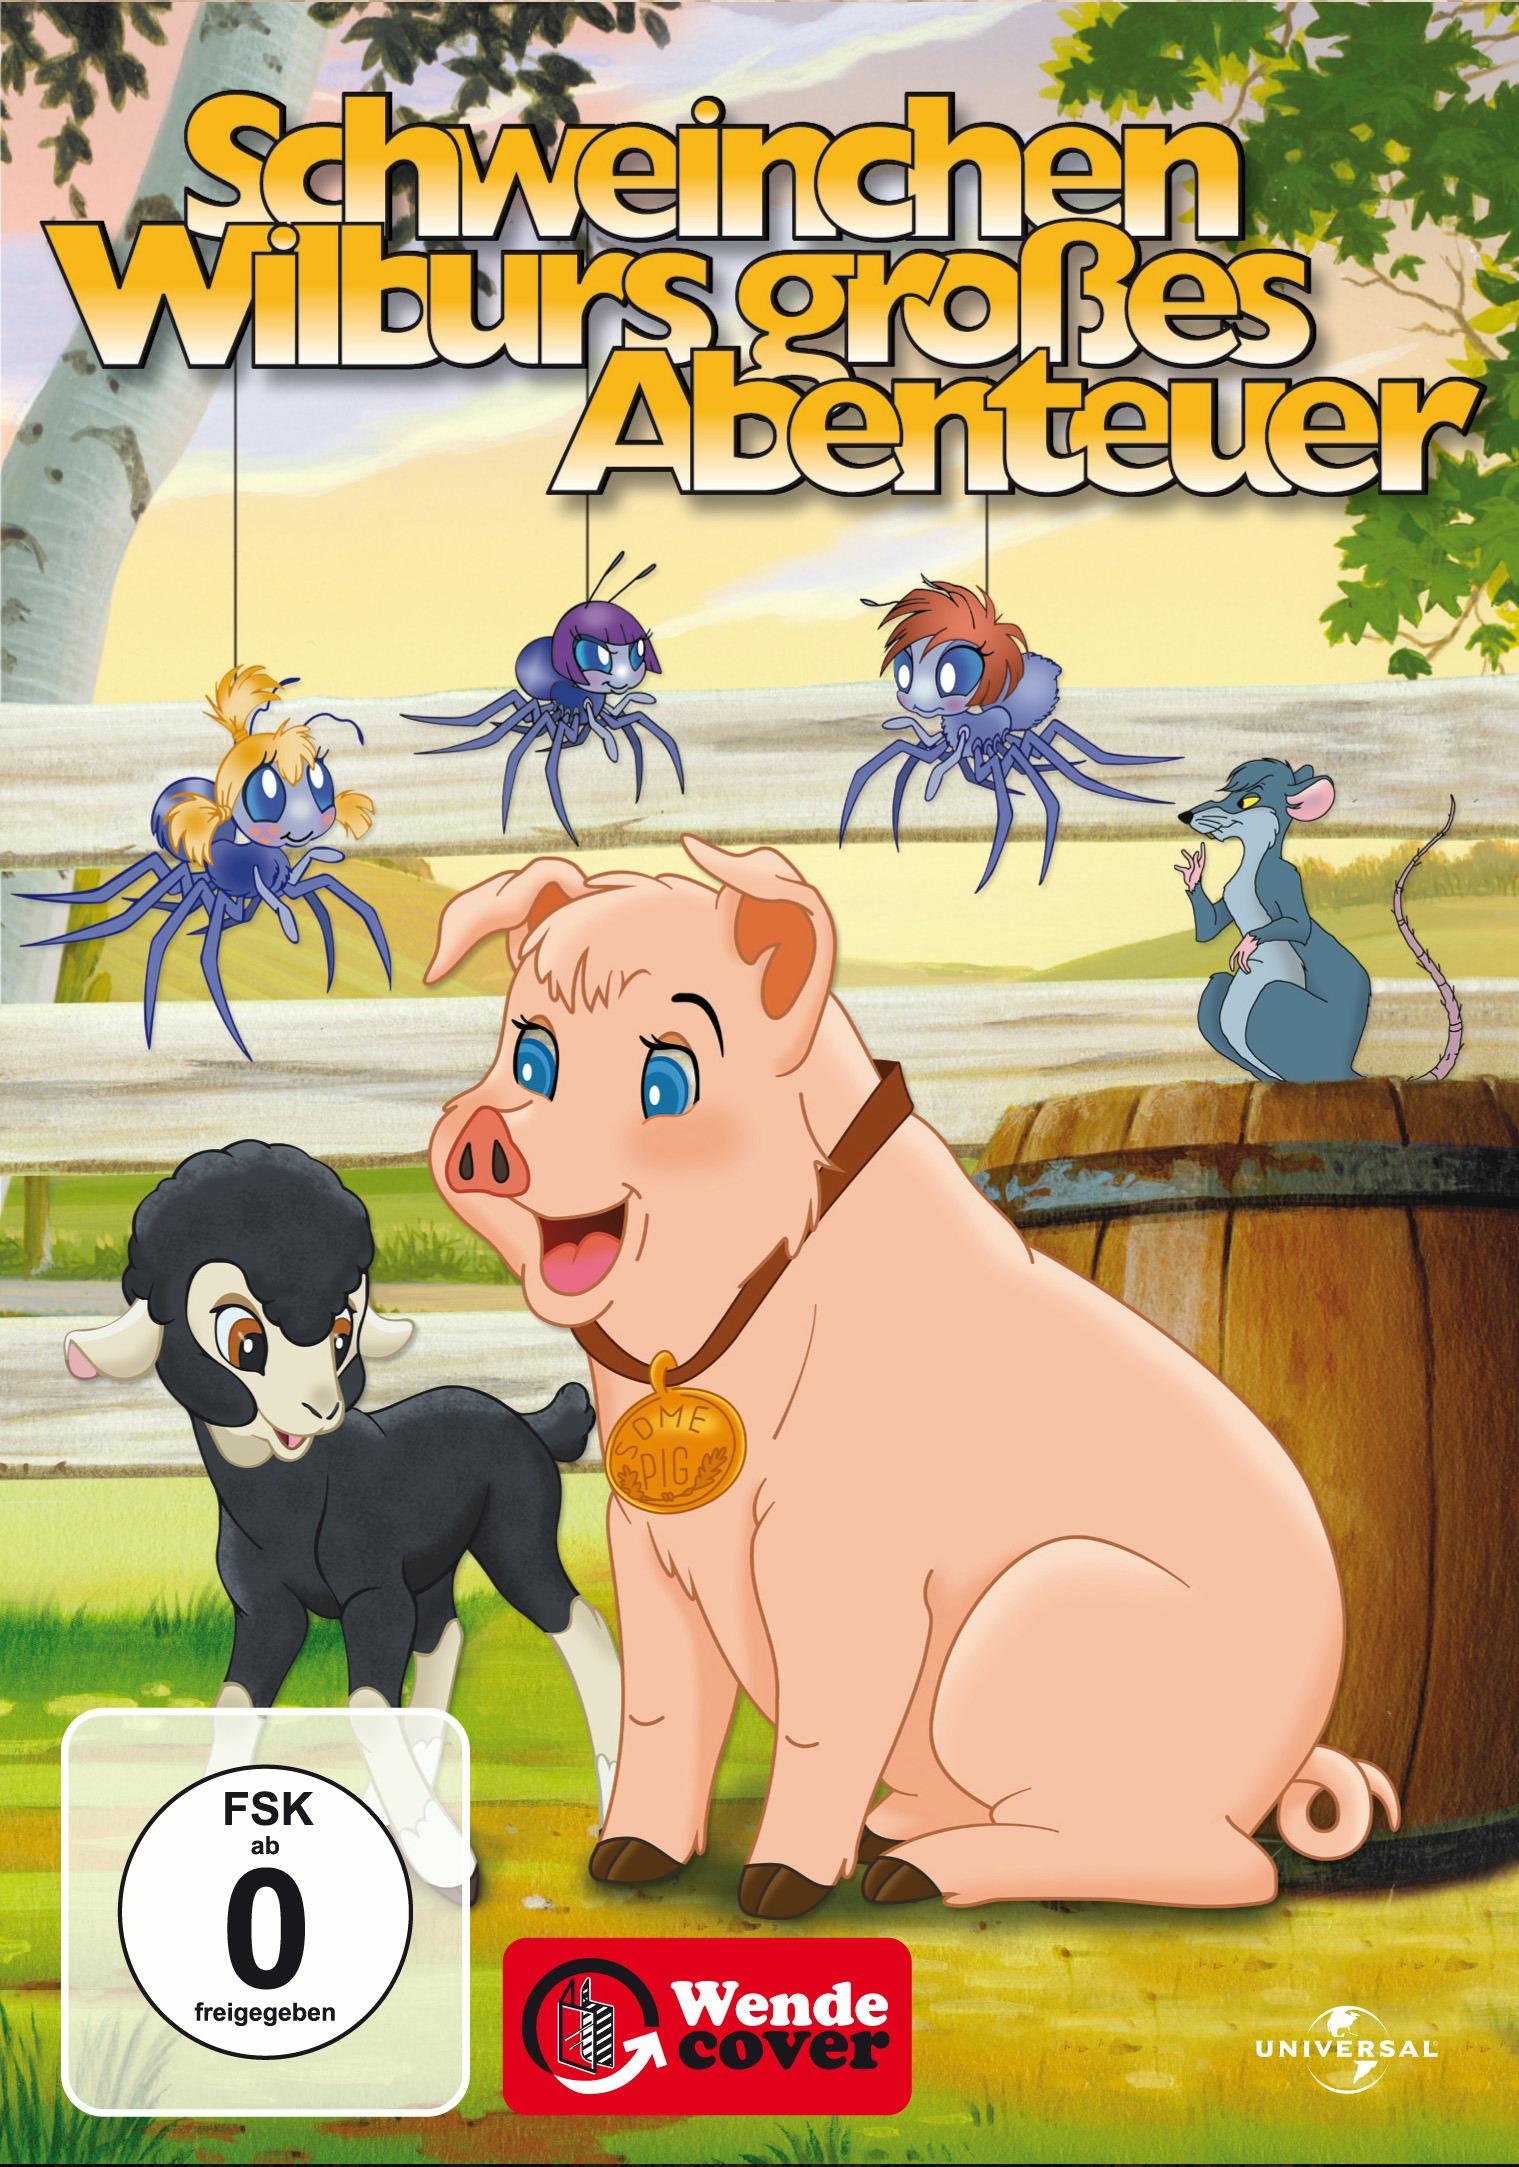 Schweinchen Wilburs großes Abenteuer Poster